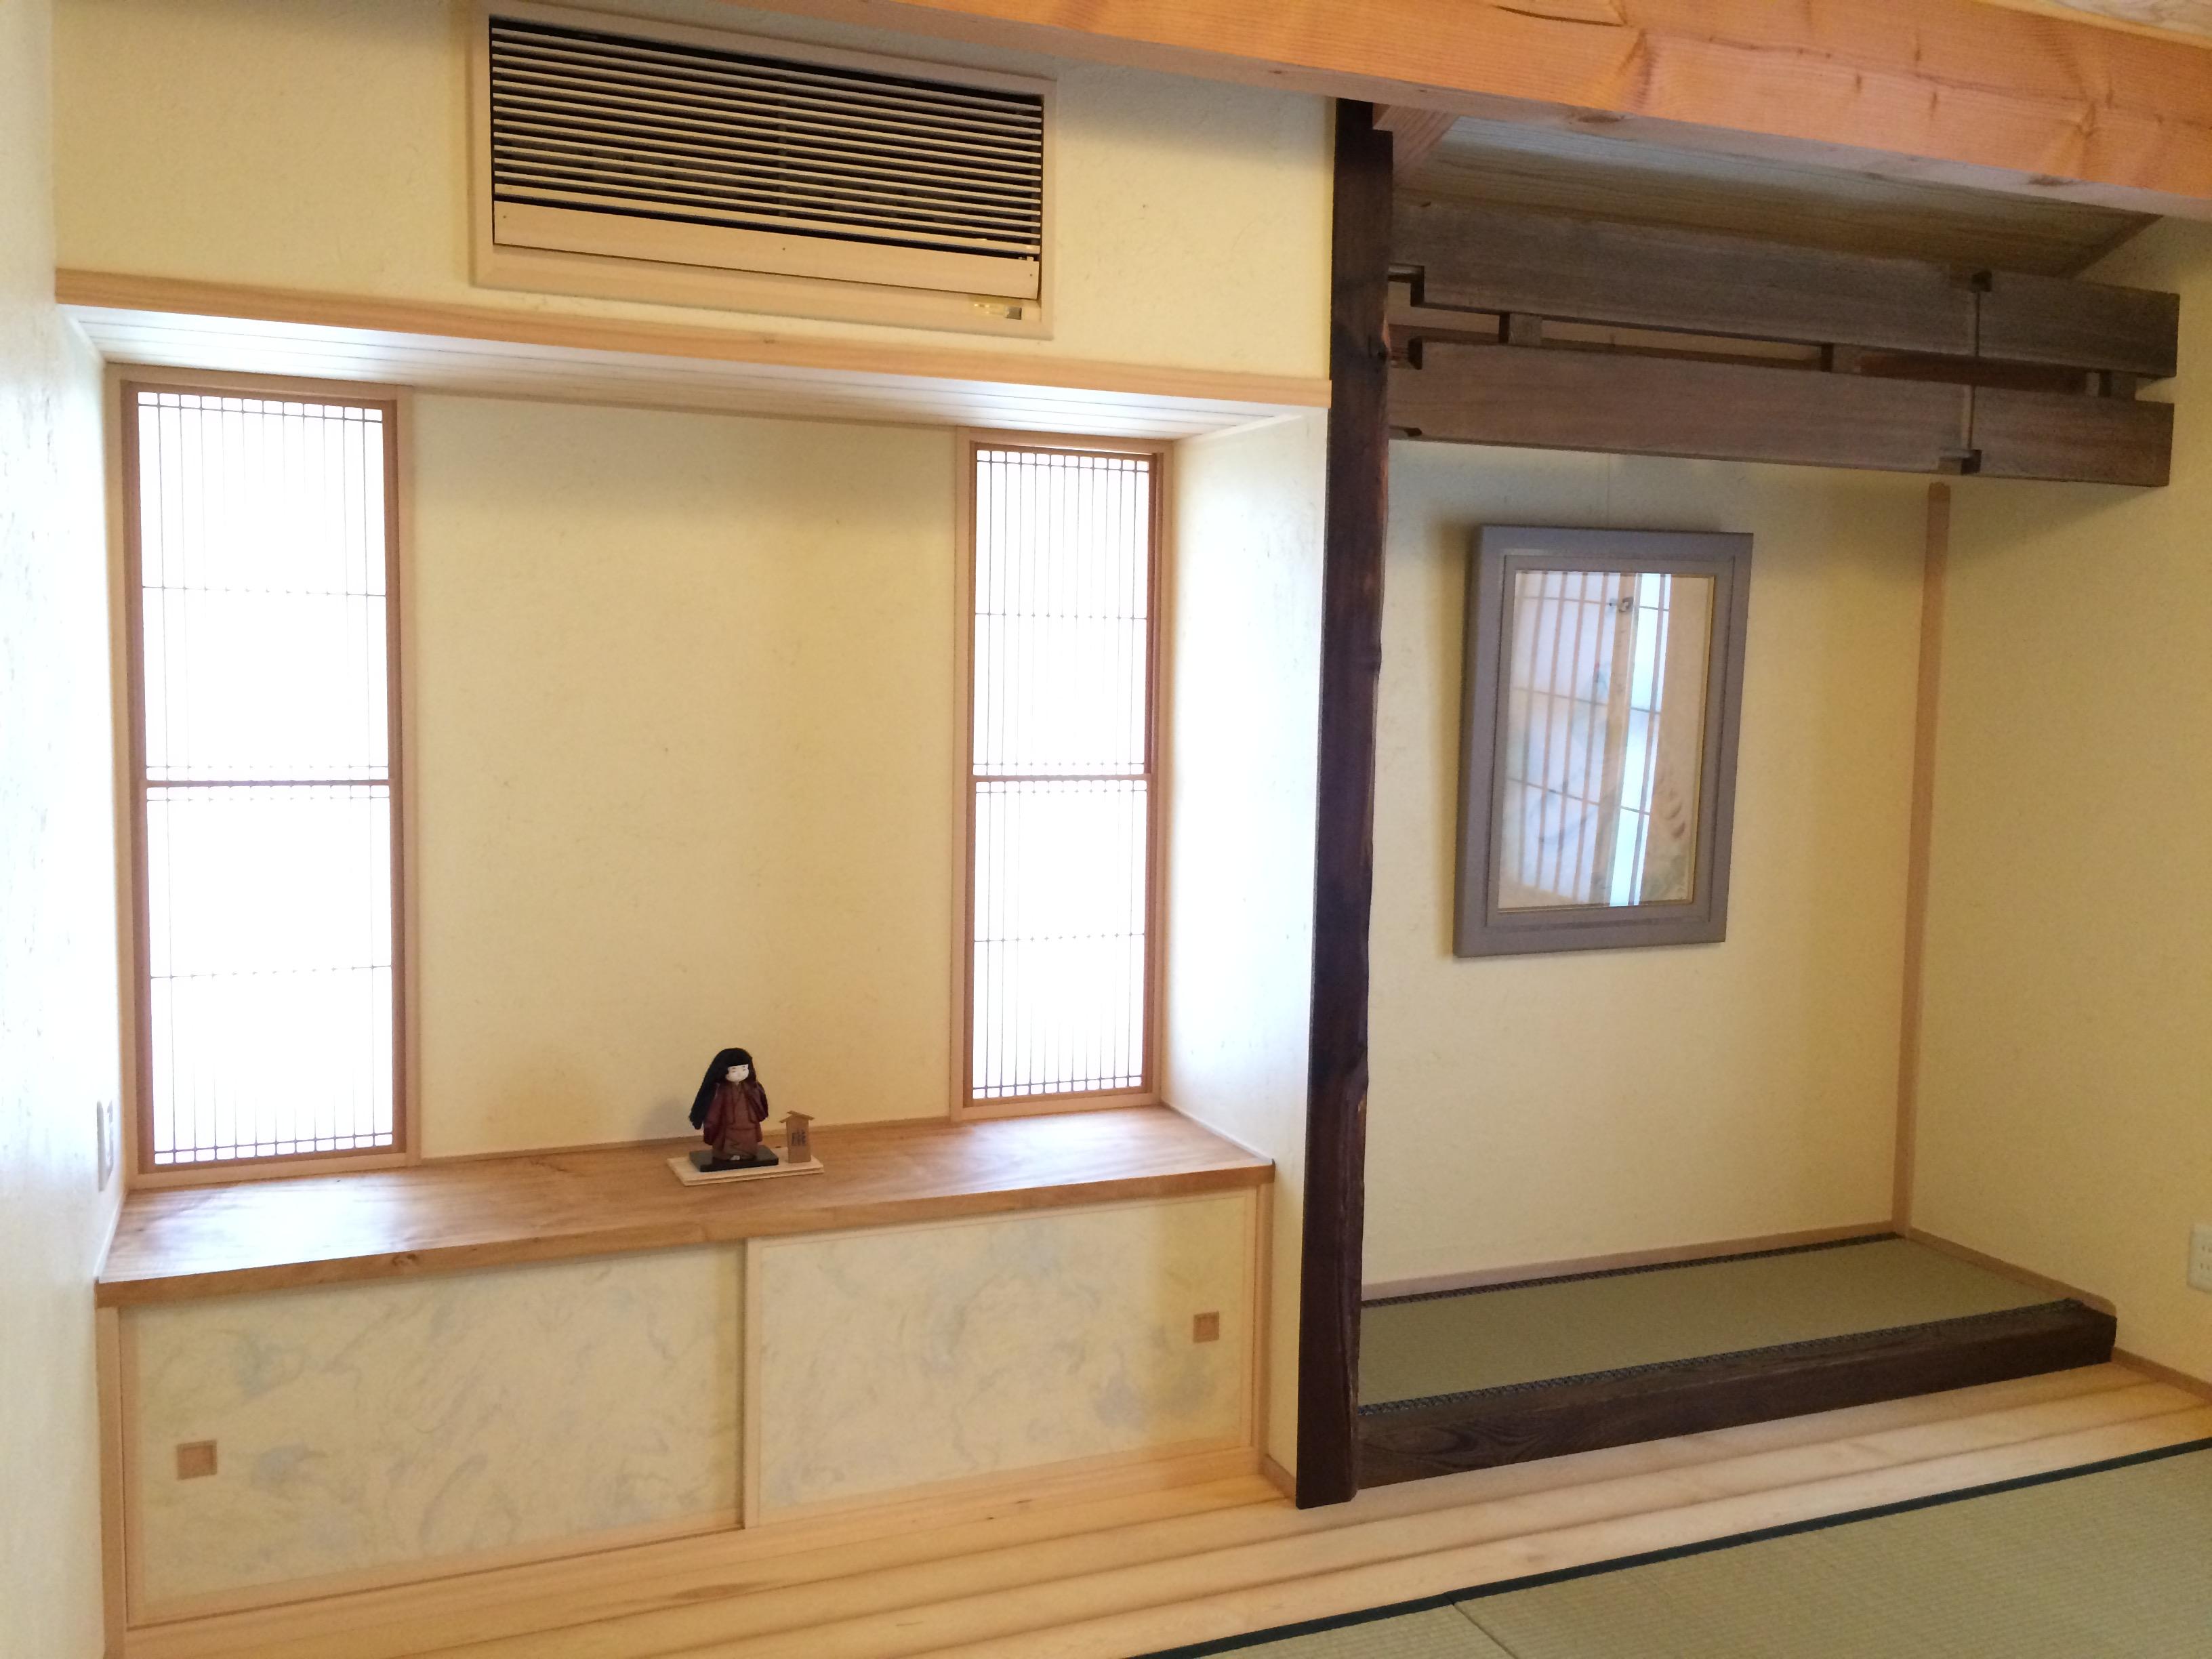 愛知県碧南市の古民家再生の建築会社おススメの古材利用の施工例